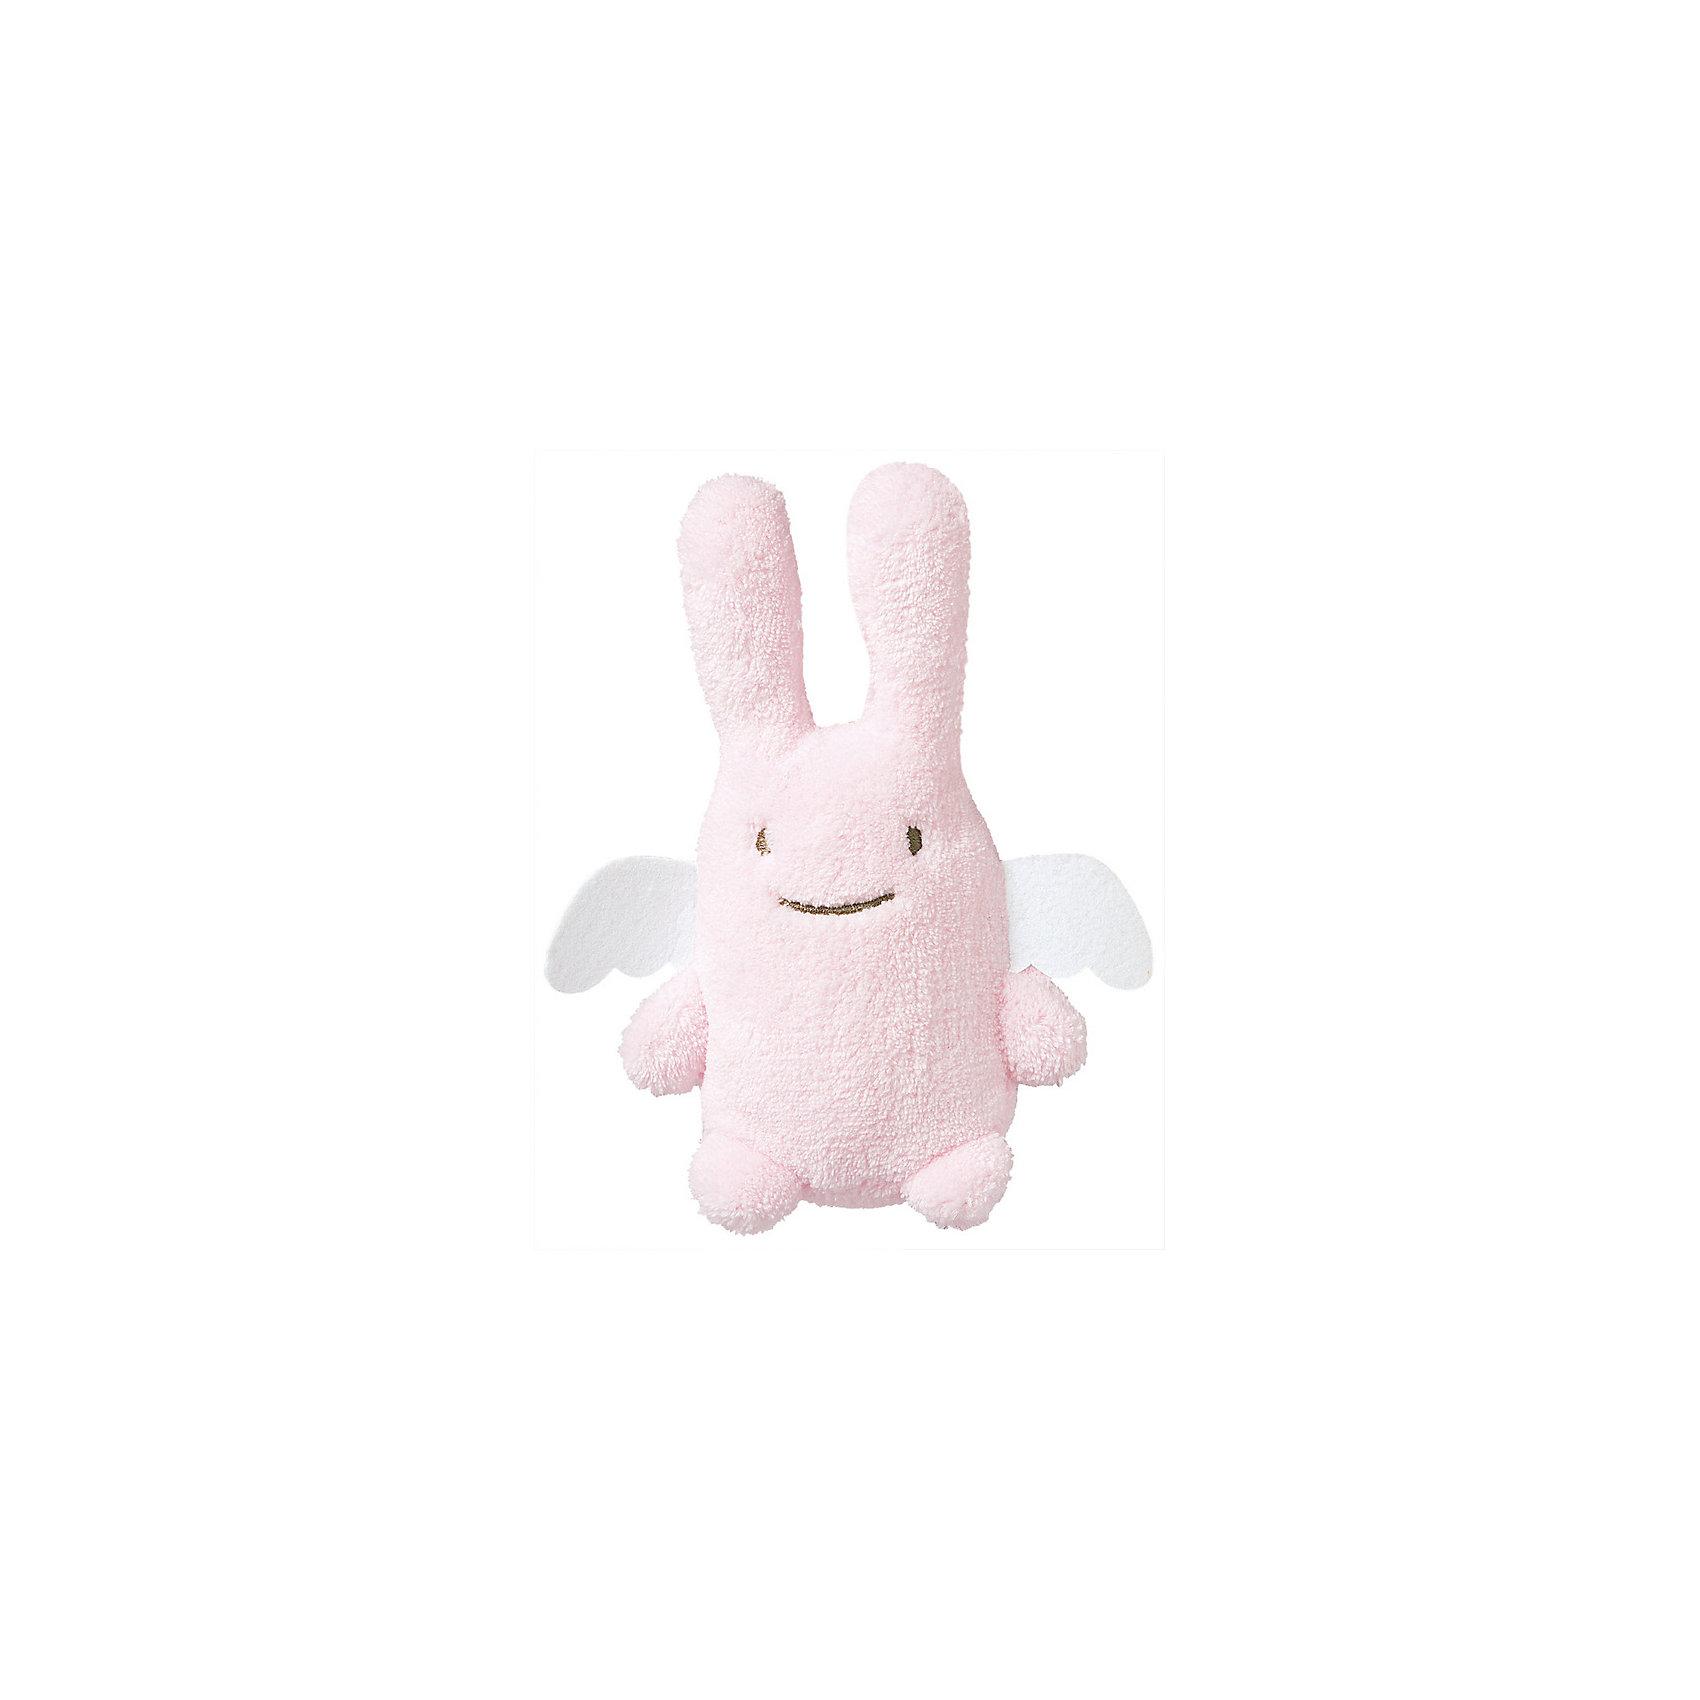 TROUSSELIER Мягкая игрушка Зайка с крылышками и погремушкой, розовый, 12см , Trousselier trousselier мягкая игрушка зайка с музыкой розовый 25см trousselier